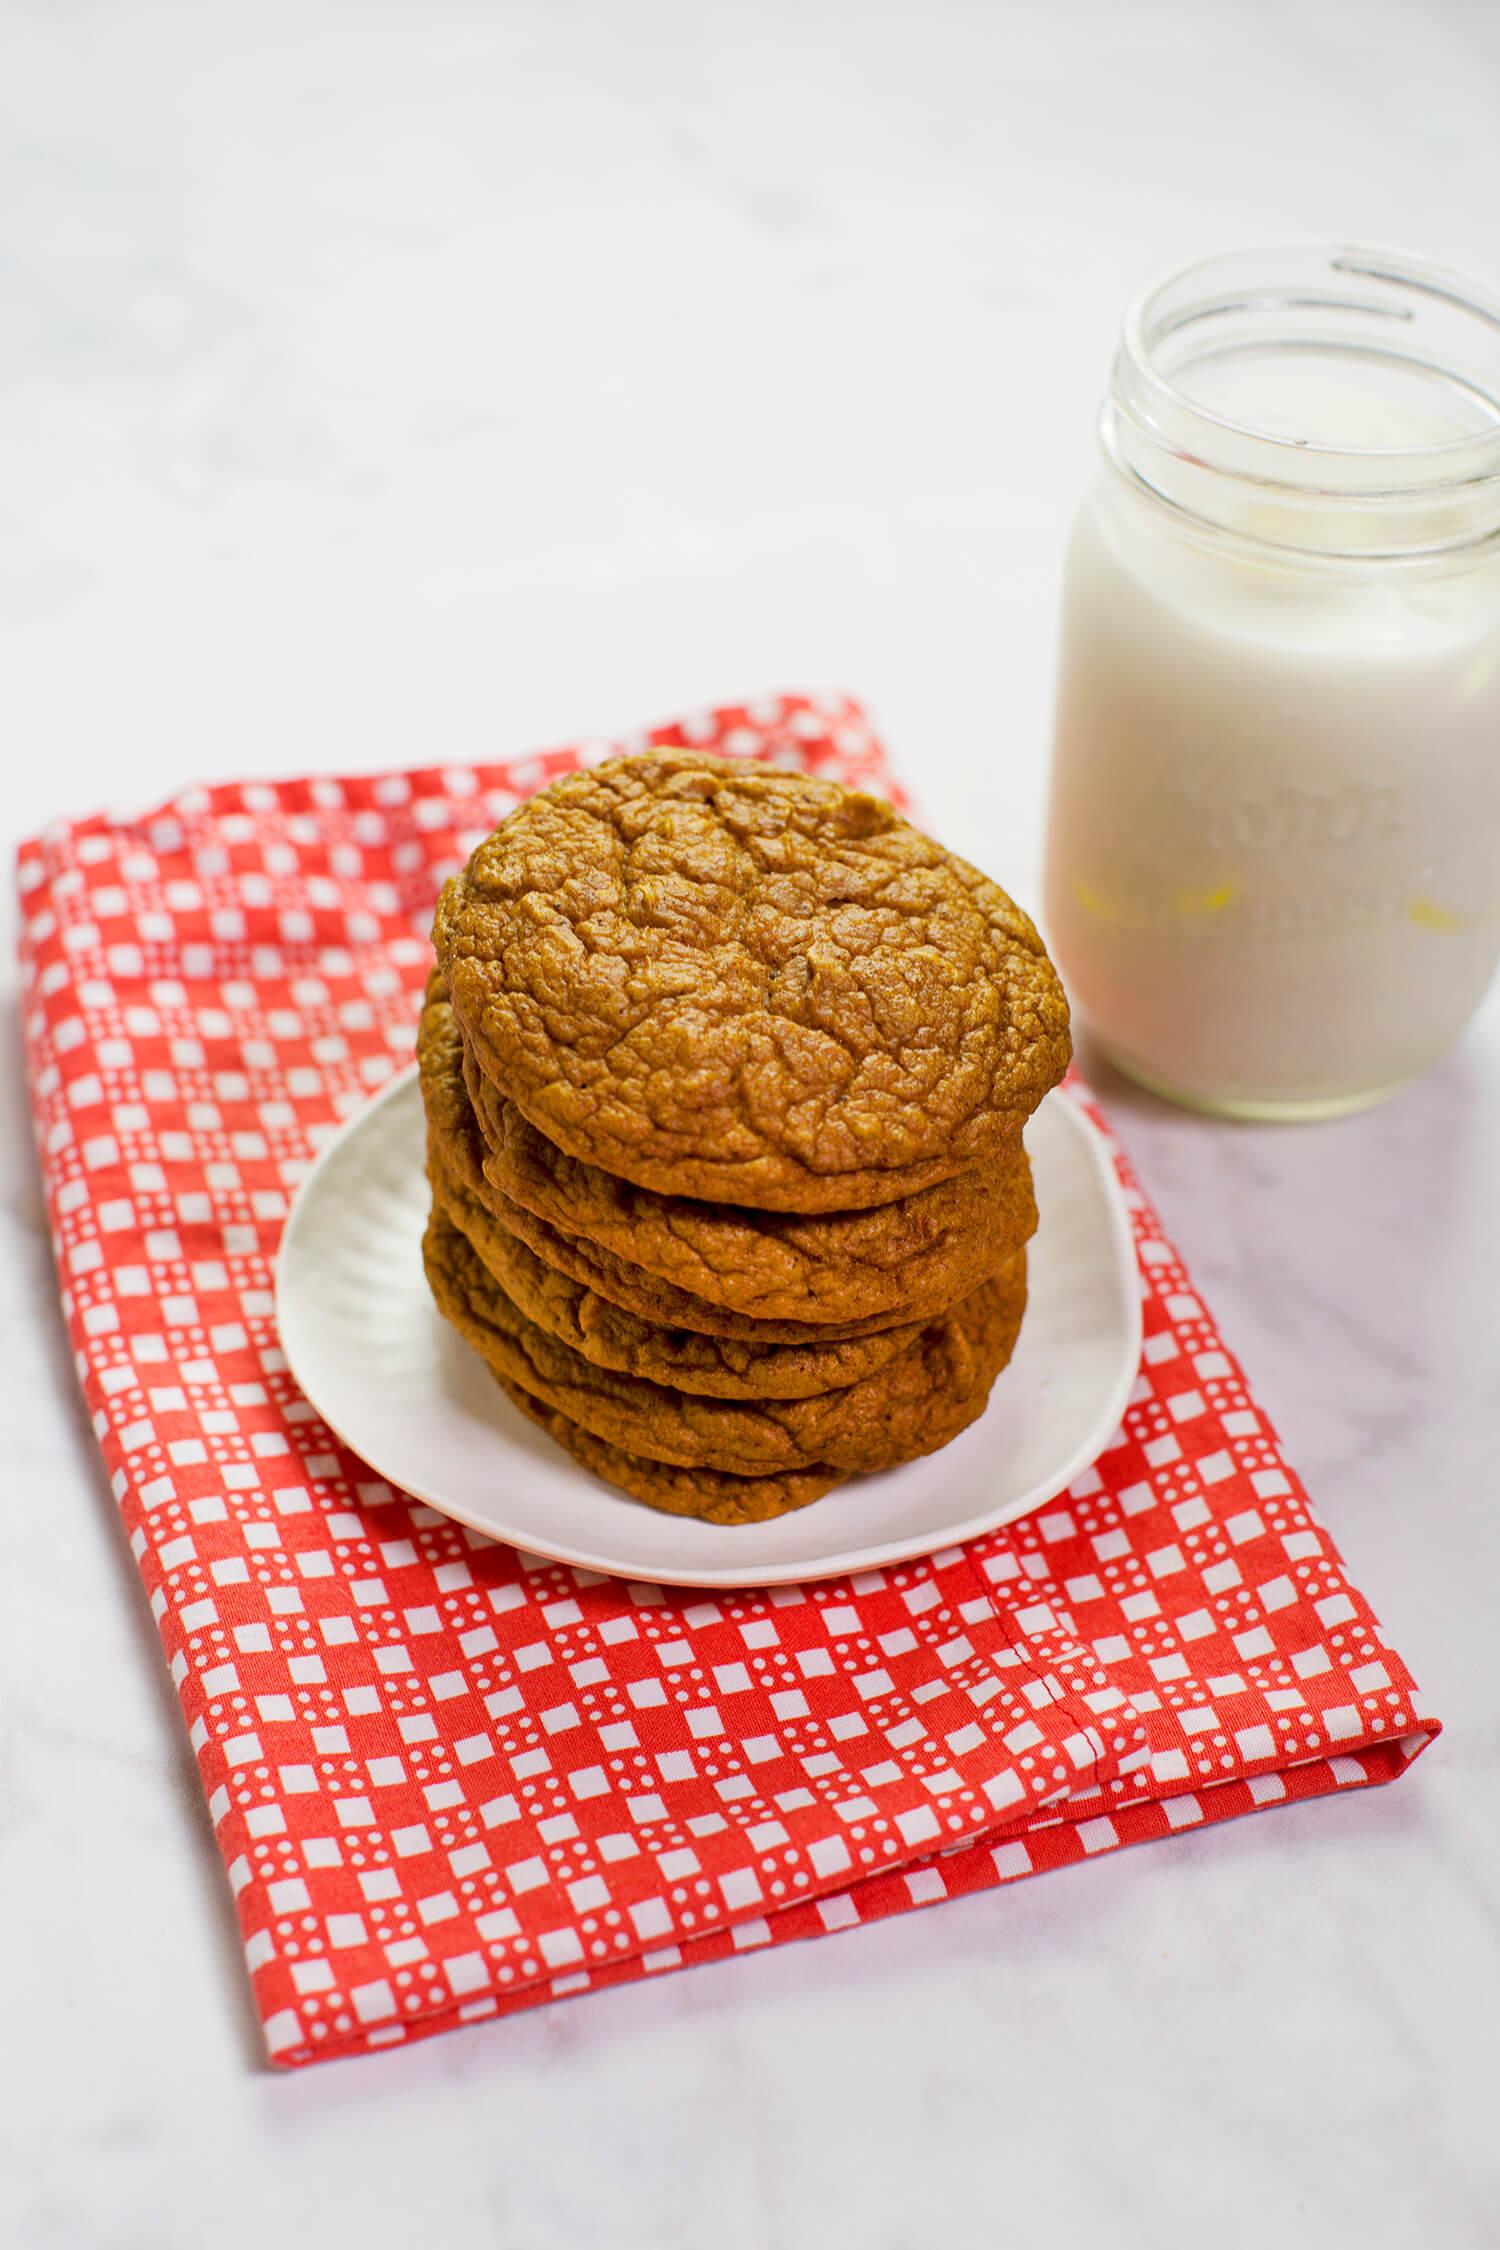 Gluten-free pumpkin blender cookies (via sleekbawd.com)